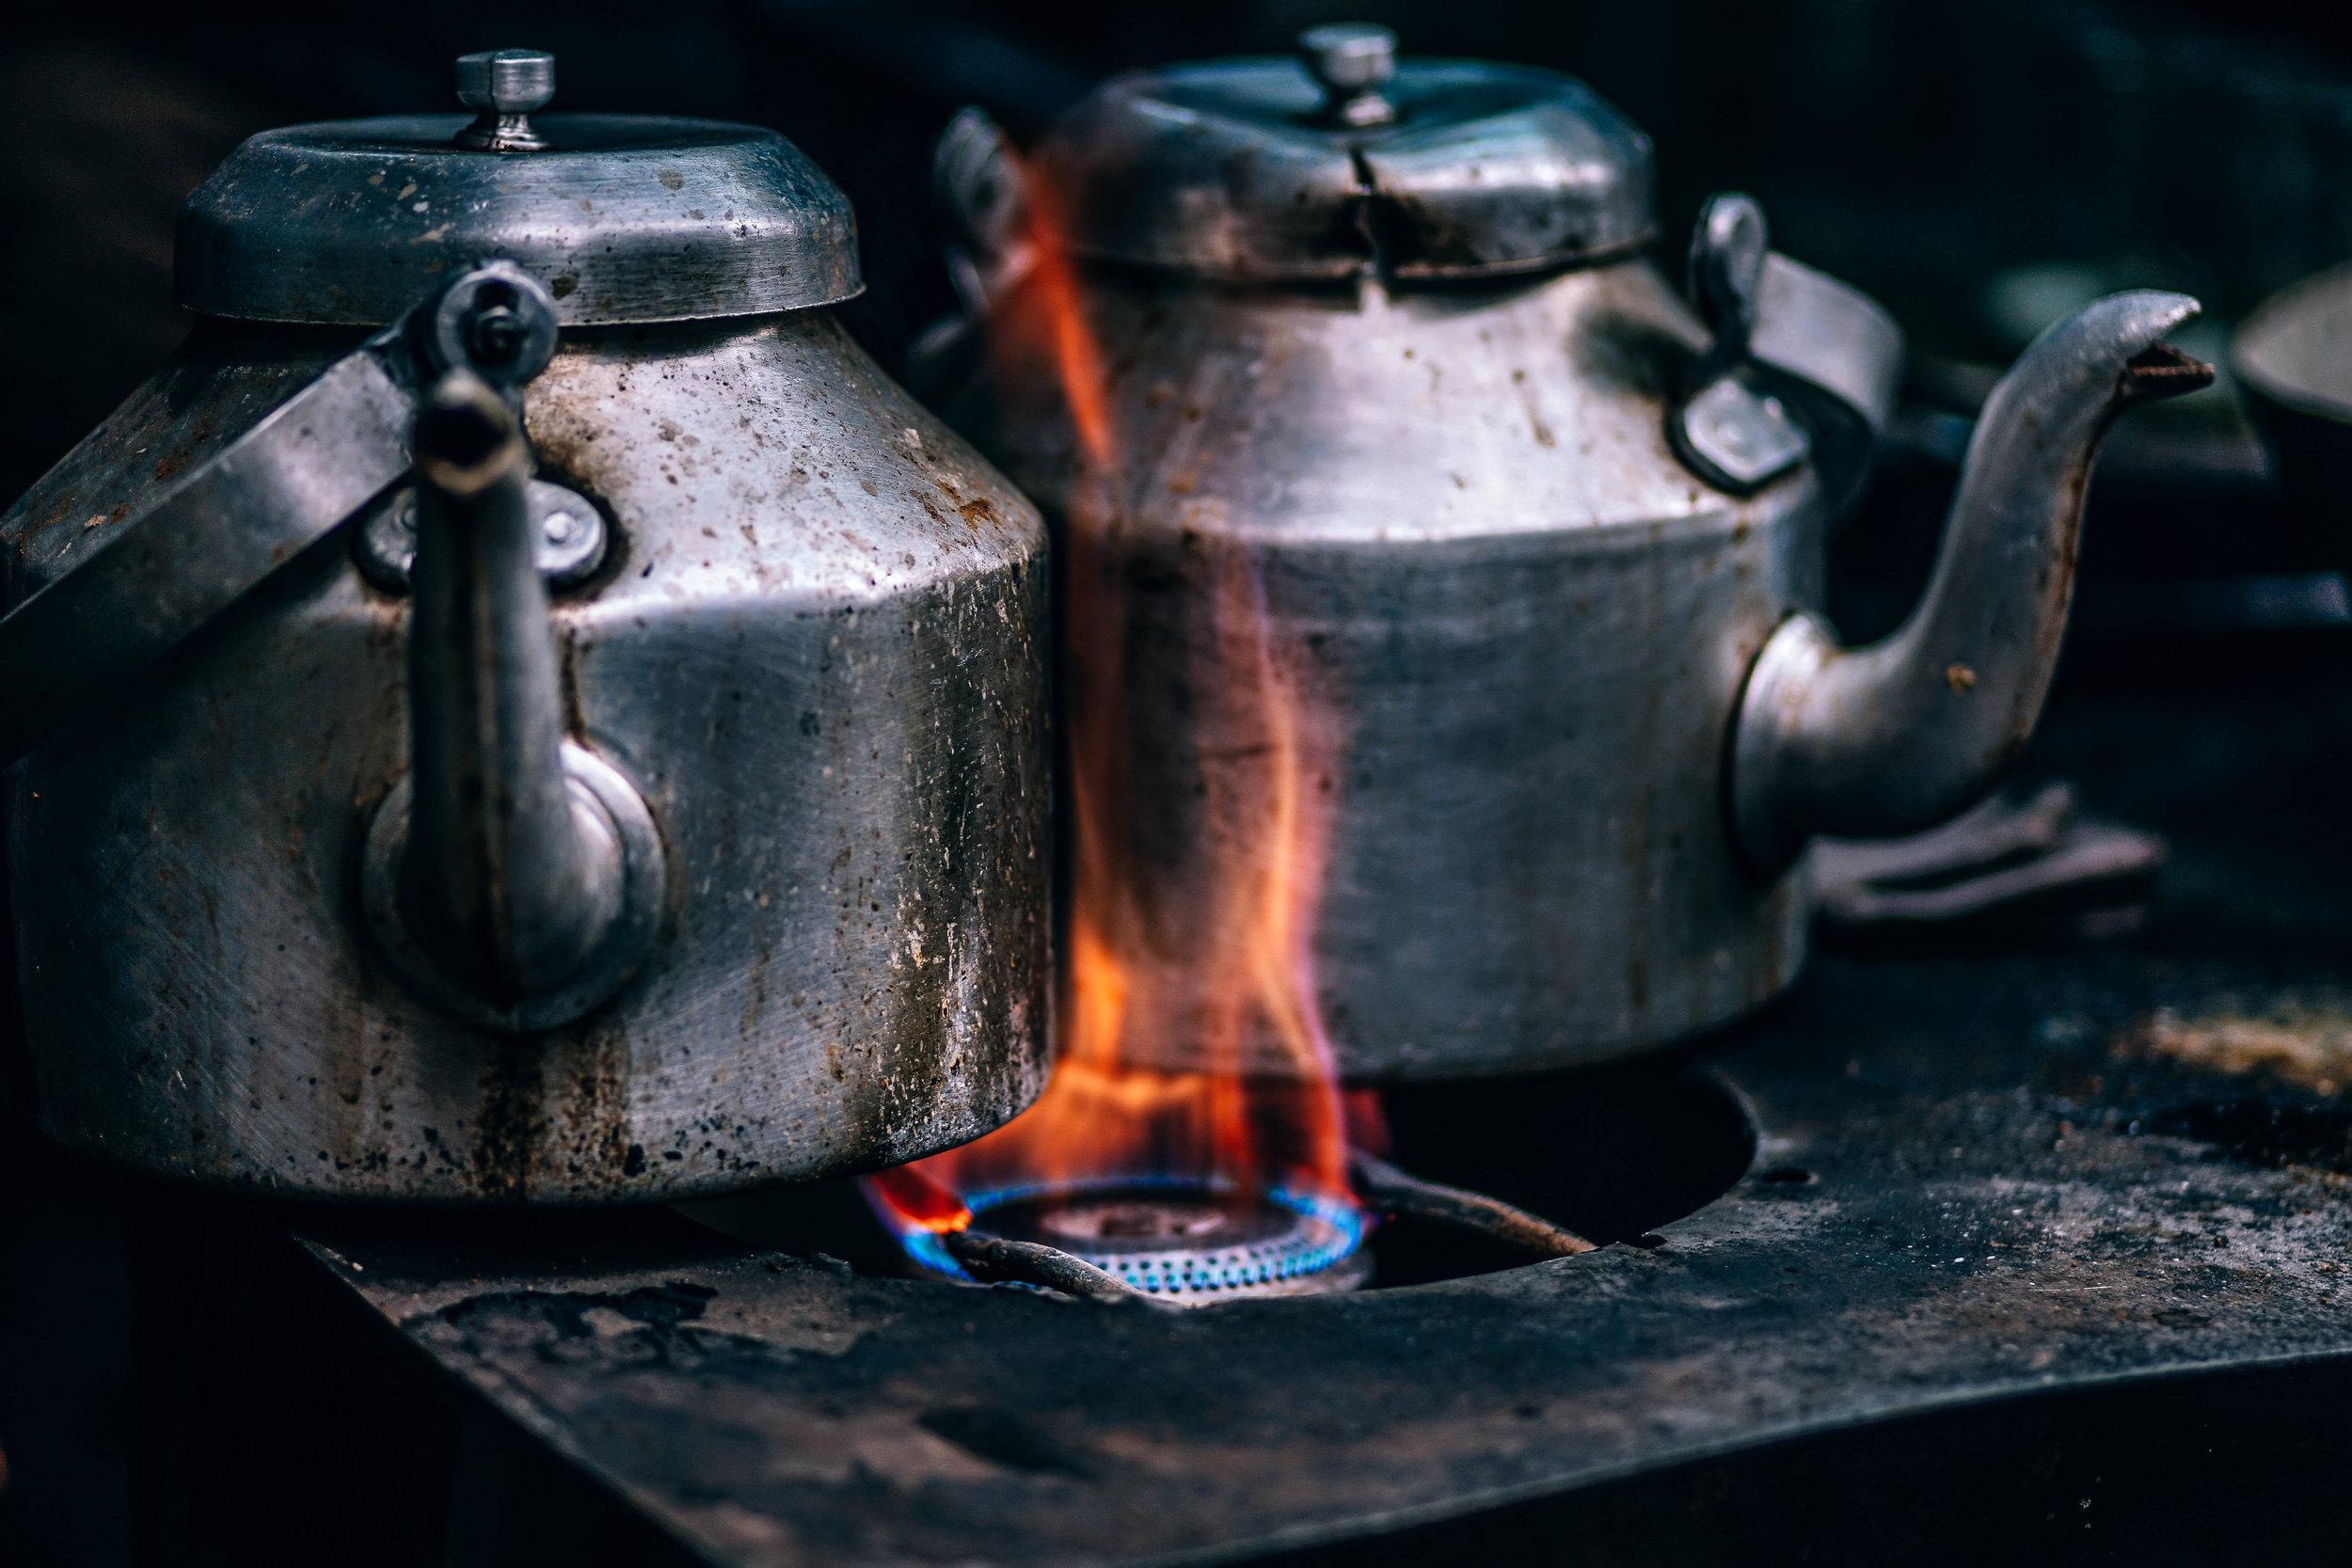 10.Bouillir - To boil -